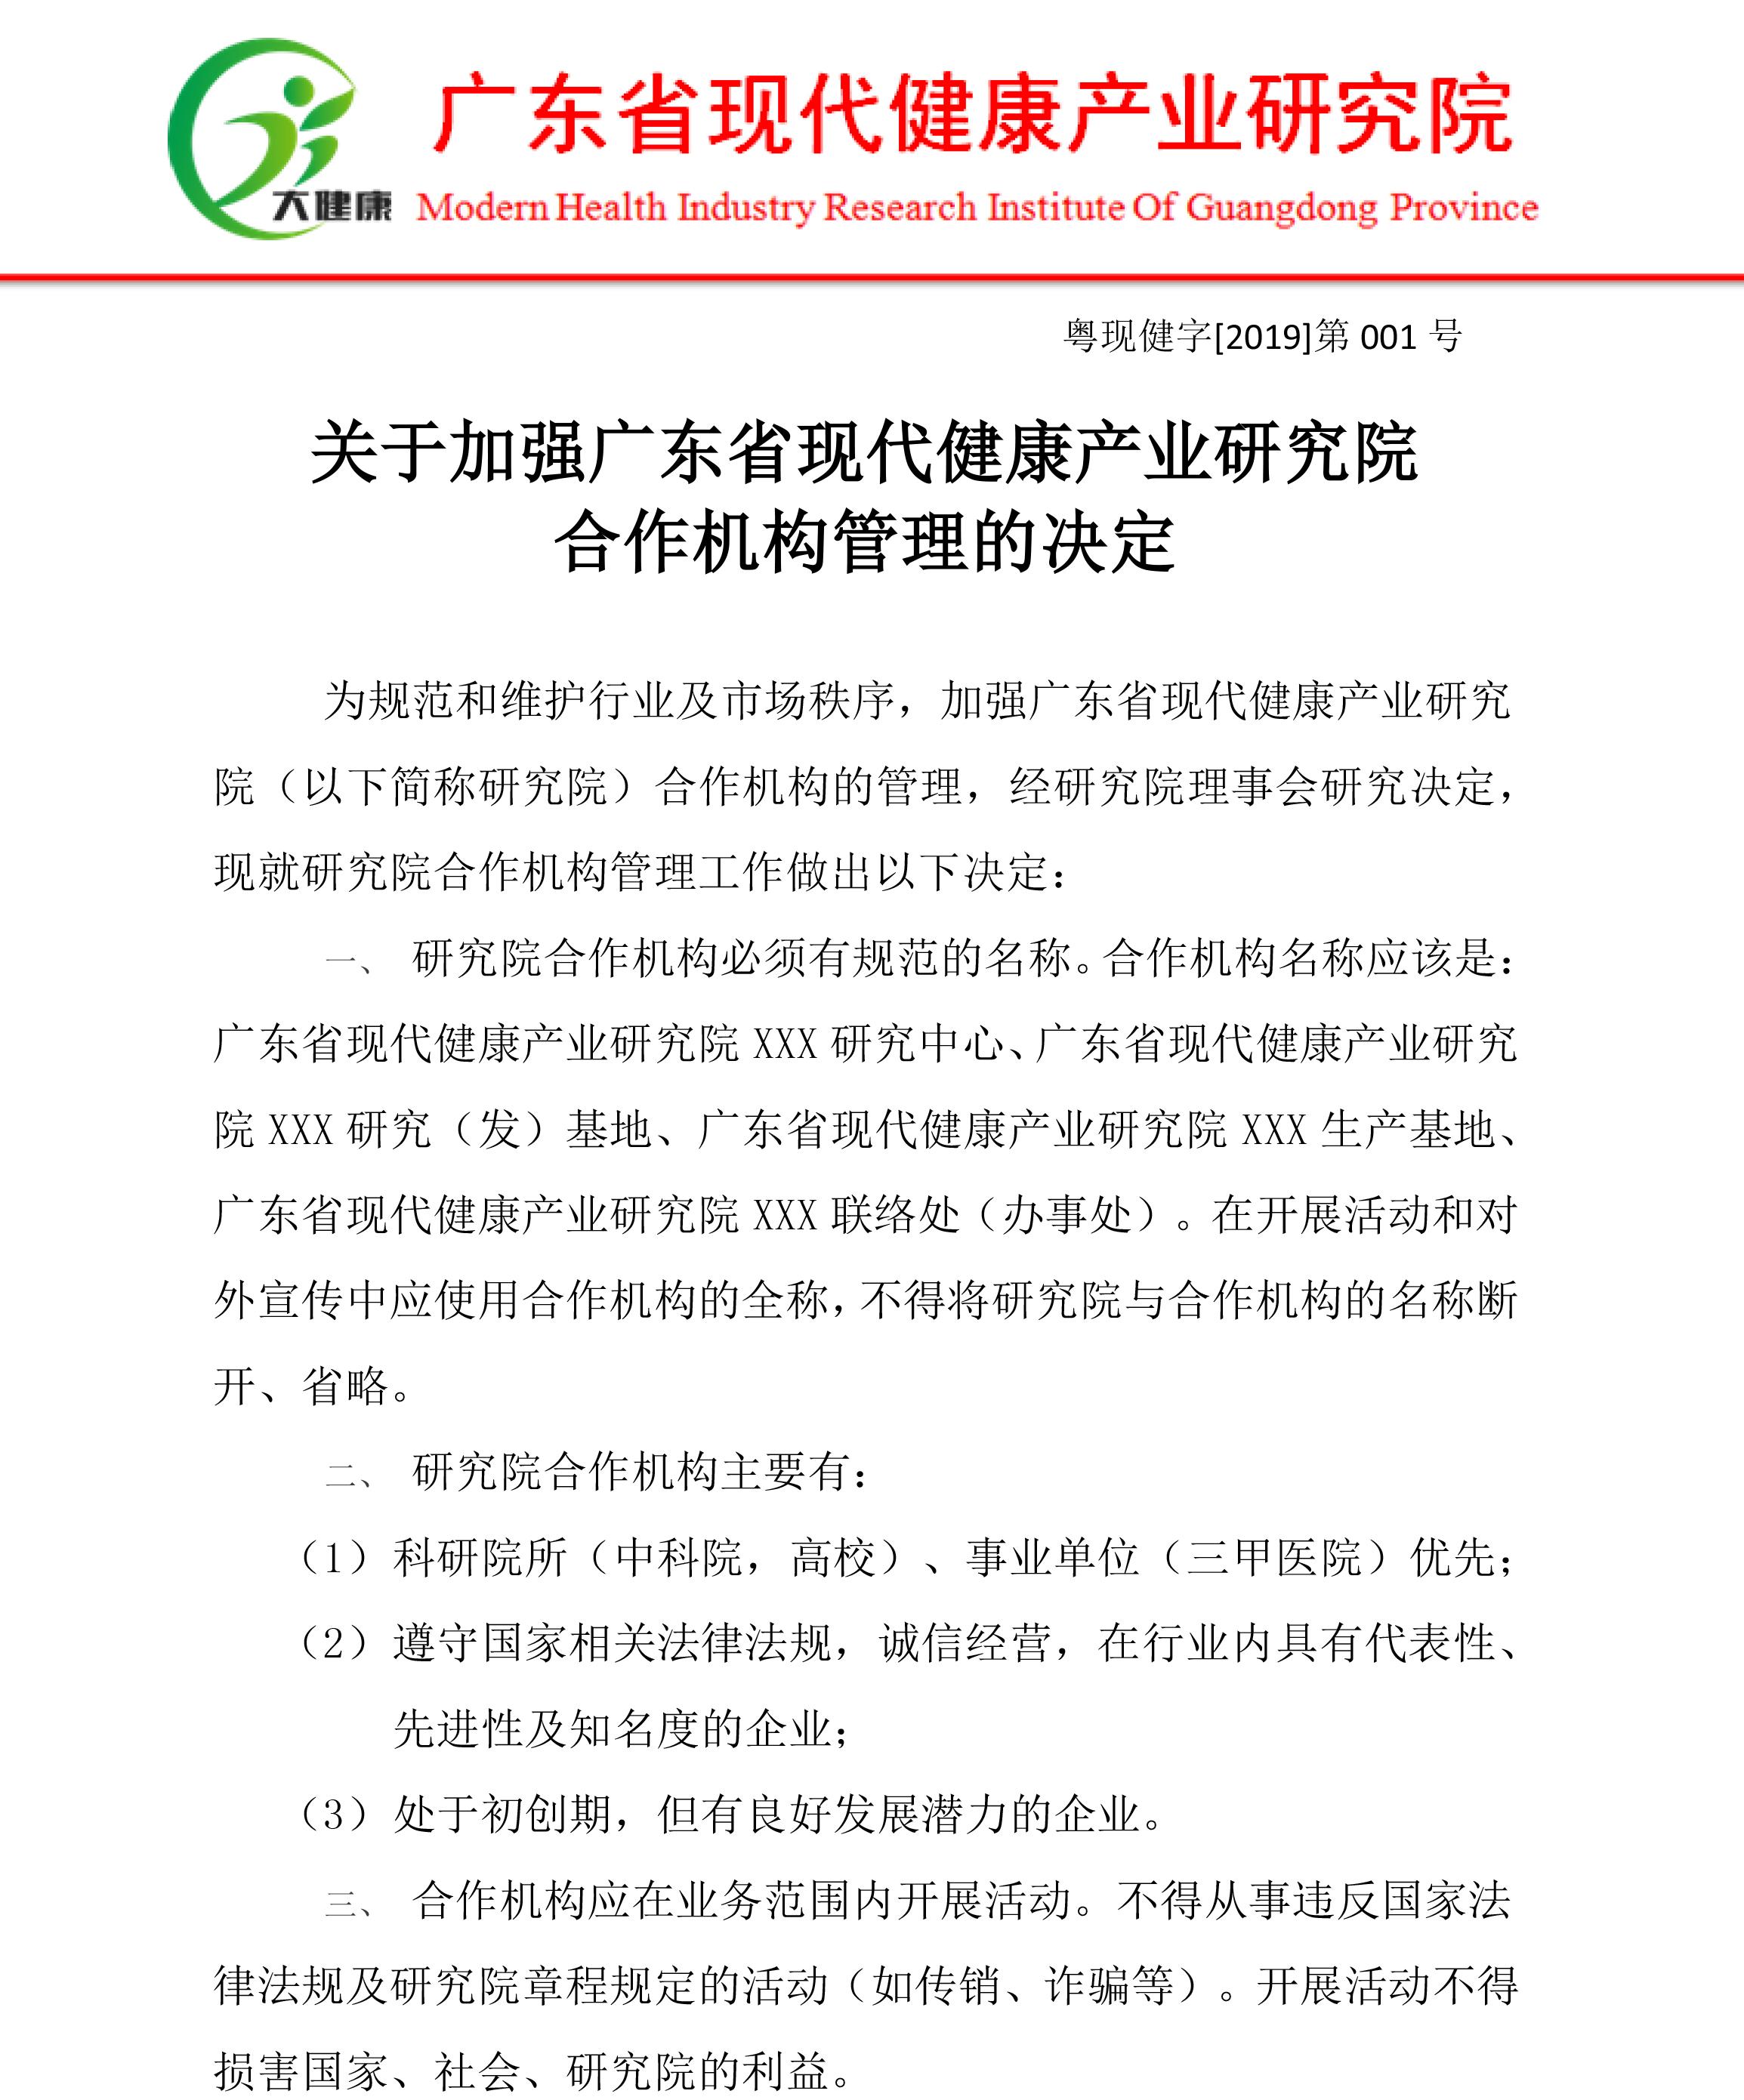 关于加强广东省现代健康产业研究院合作机构管理的决定